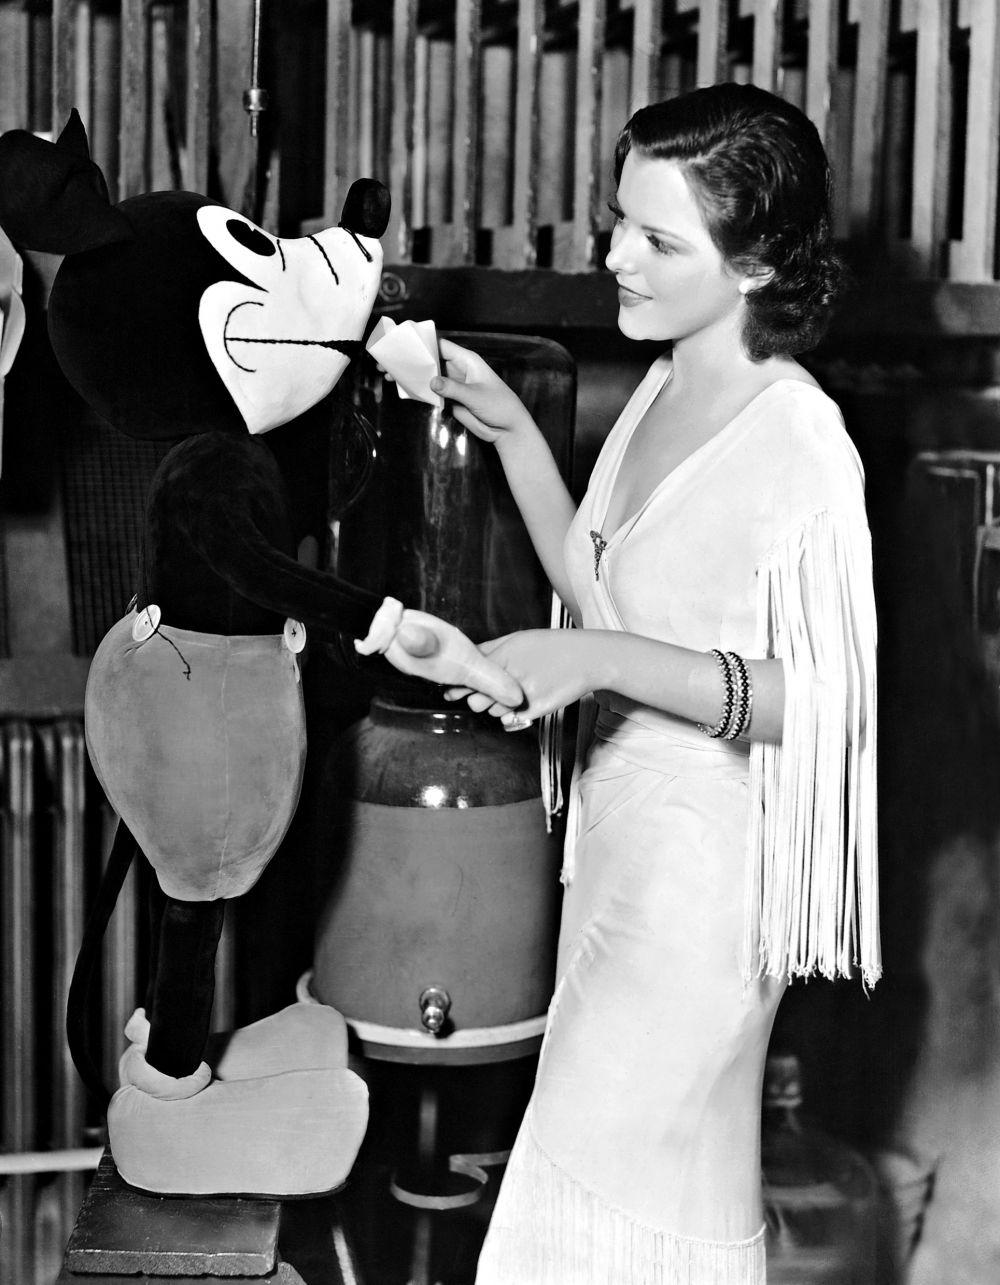 Ежегодно мультфильмы с Микки Маусом приносят компании The Walt Disney около 6 $млрд